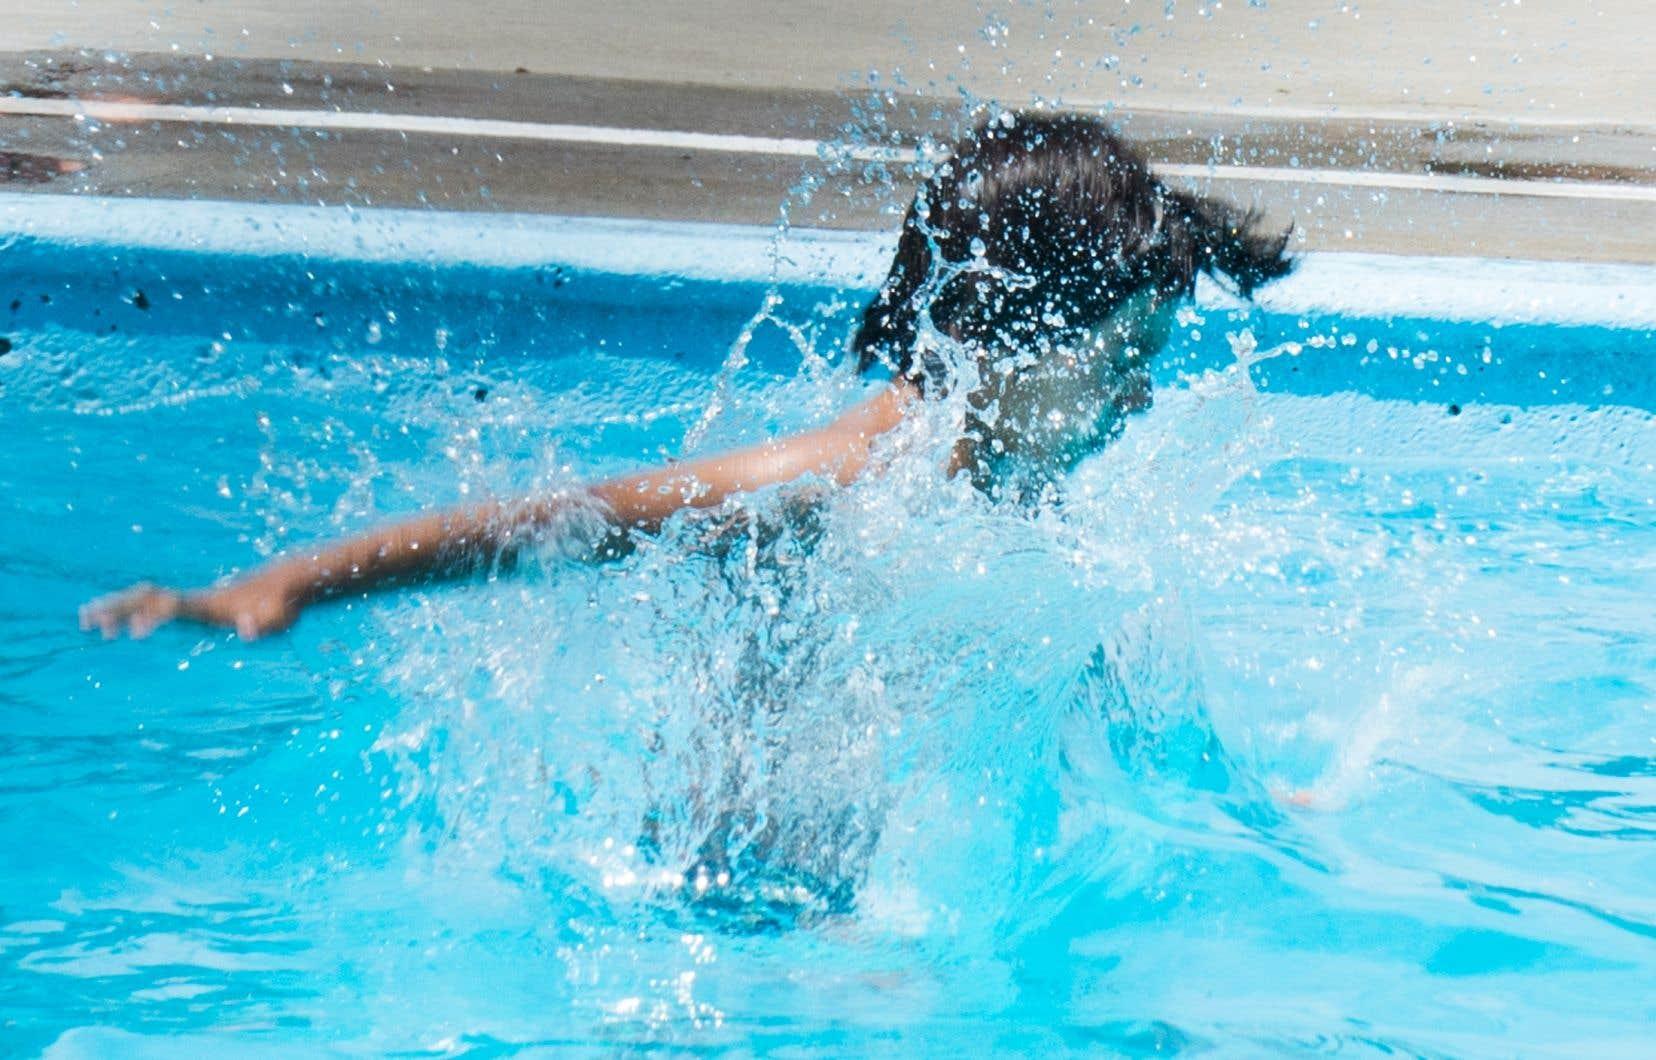 L'arrondissement de Lachine a annoncé mercredi la fermeture, jusqu'à nouvel ordre, des piscines des parcs Kirkland, Michel-Ménard et LaSalle ainsi que de la pataugeoire du parc LaSalle.